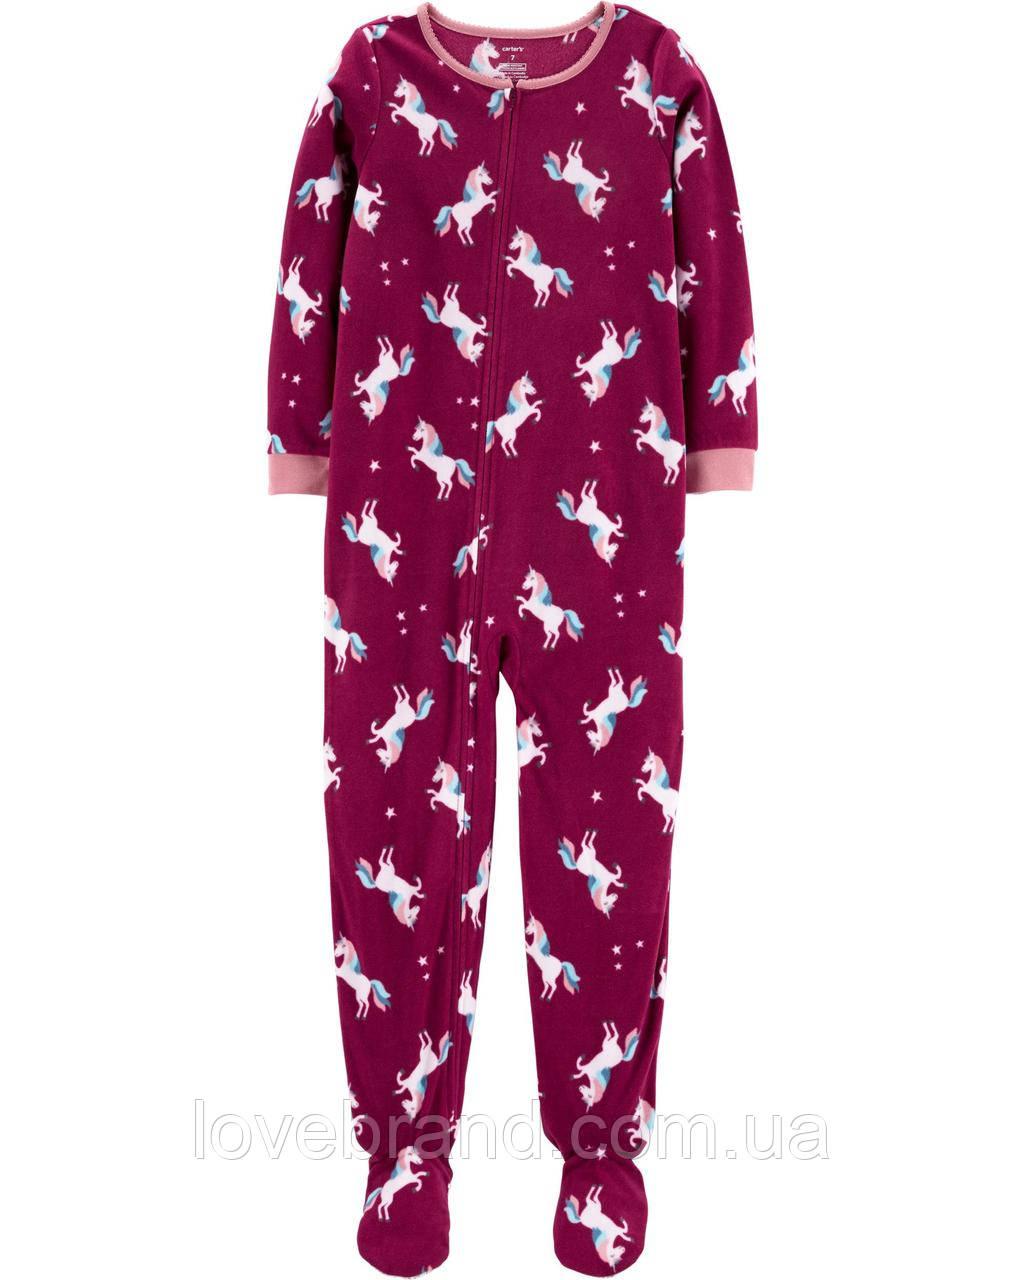 """Флисовый слип пижама для девочки Carter's """"Единорог"""" с ножками"""